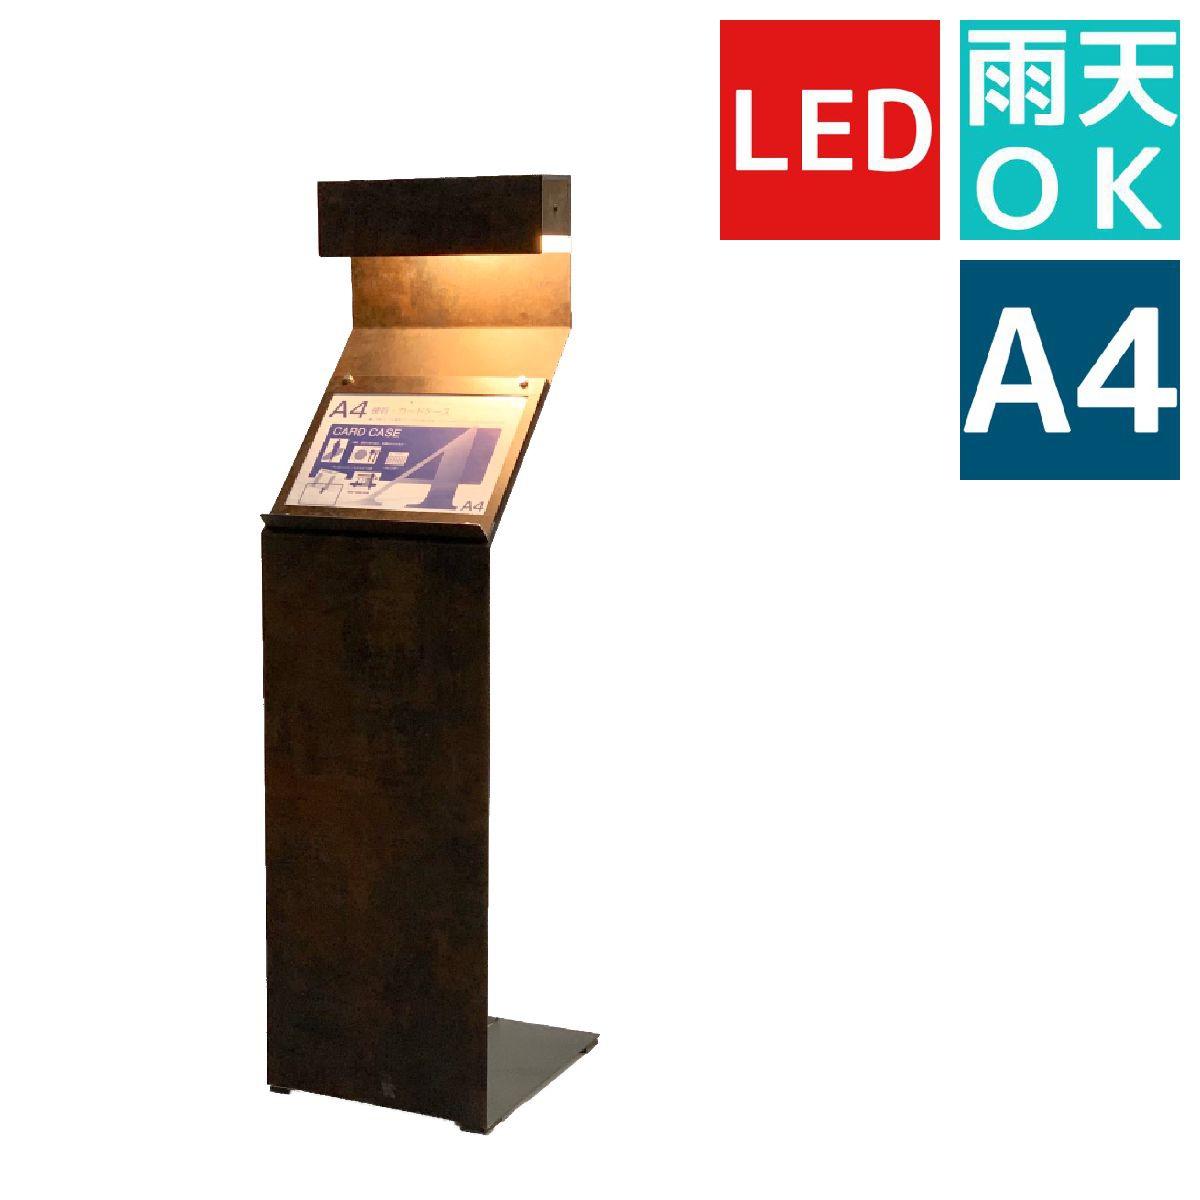 屋外用 高耐候性ガルバリウム鋼板使用 LED電球専用 オリジナルメニュースタンドC型 A4×1枚 鉄錆風